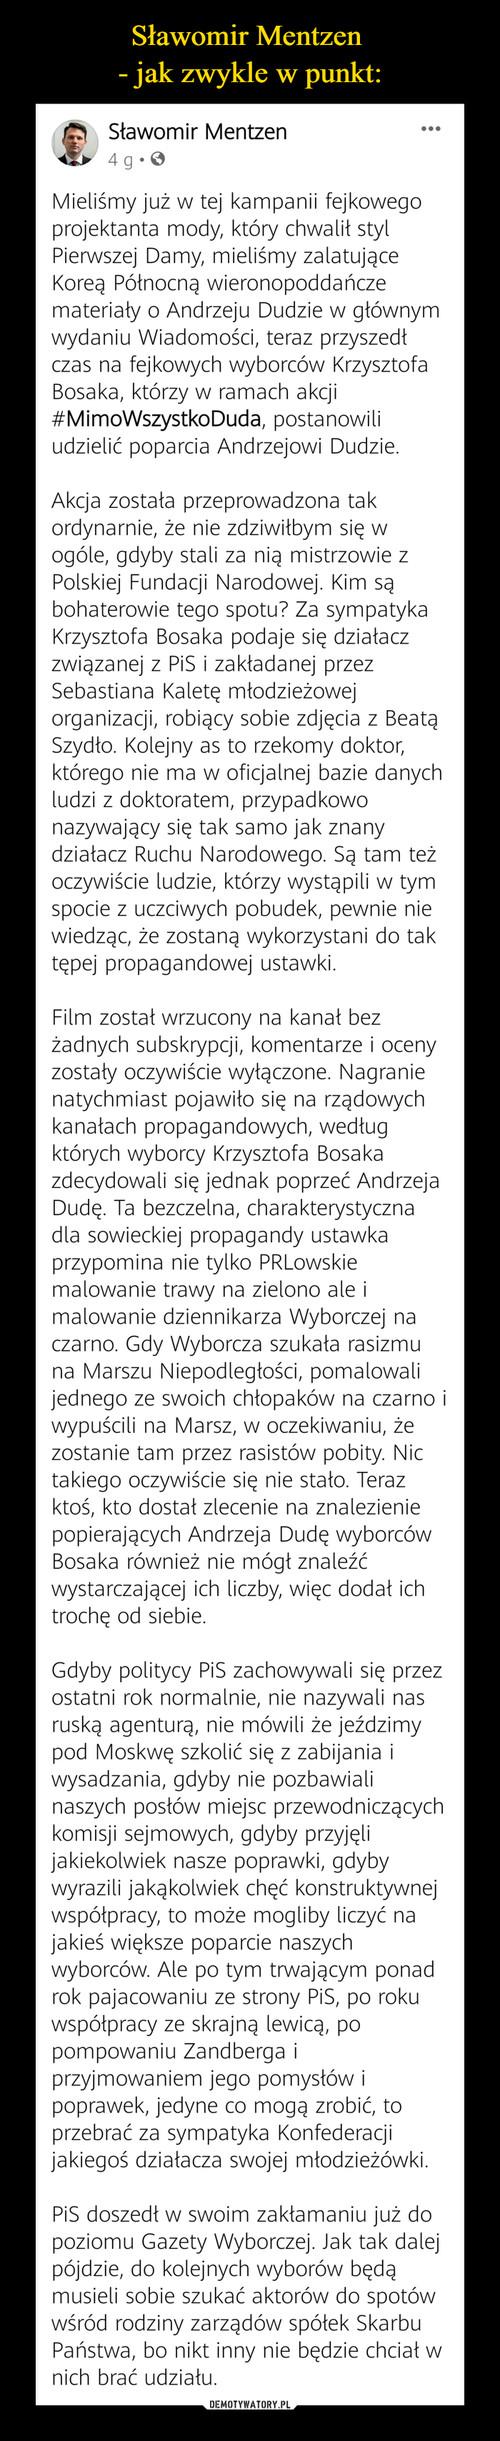 Sławomir Mentzen  - jak zwykle w punkt: